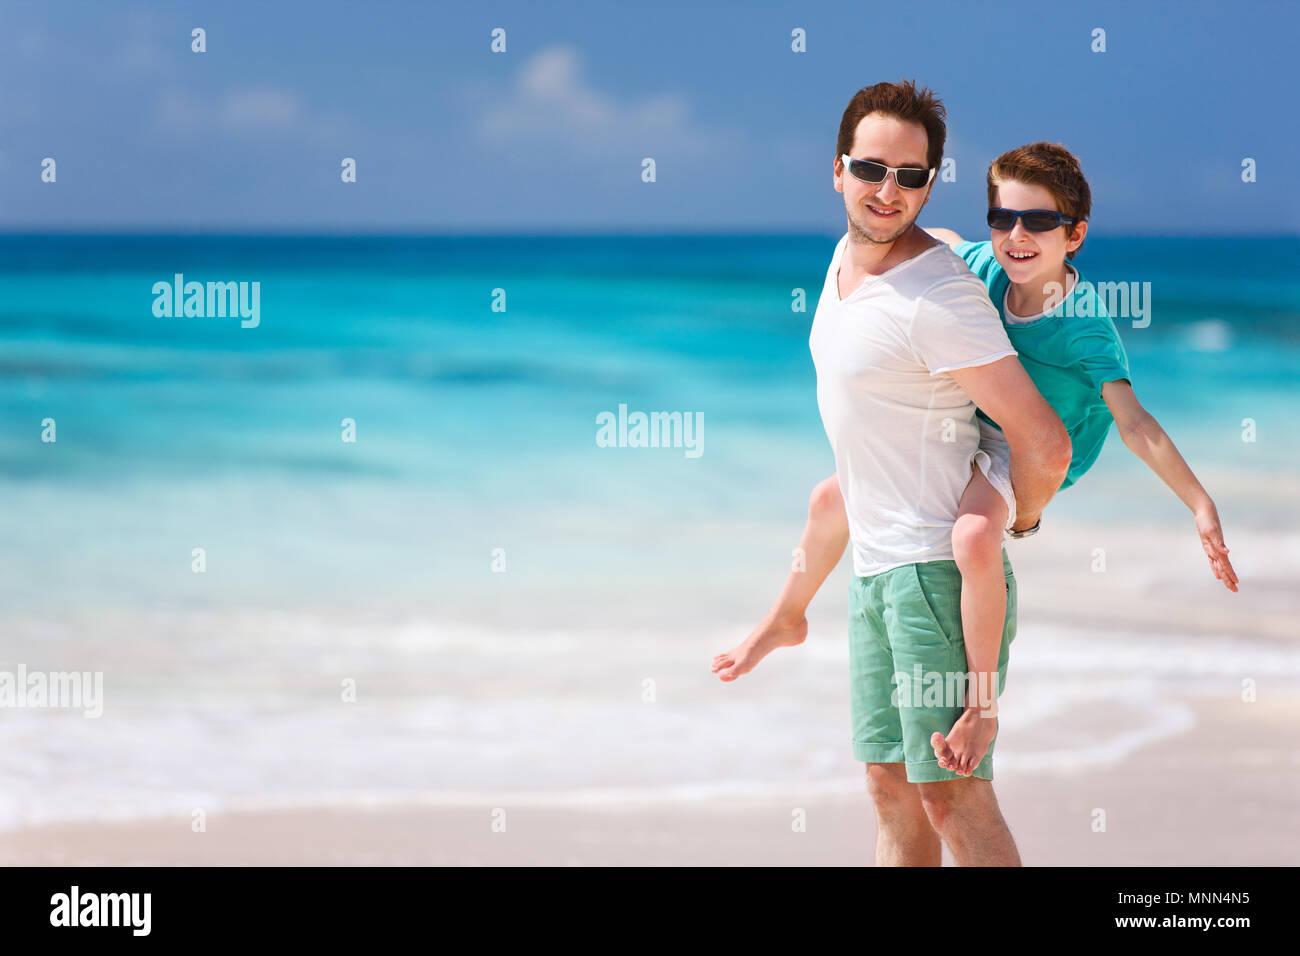 Ritratto di felice padre e figlio godendo di tempo in spiaggia Immagini Stock